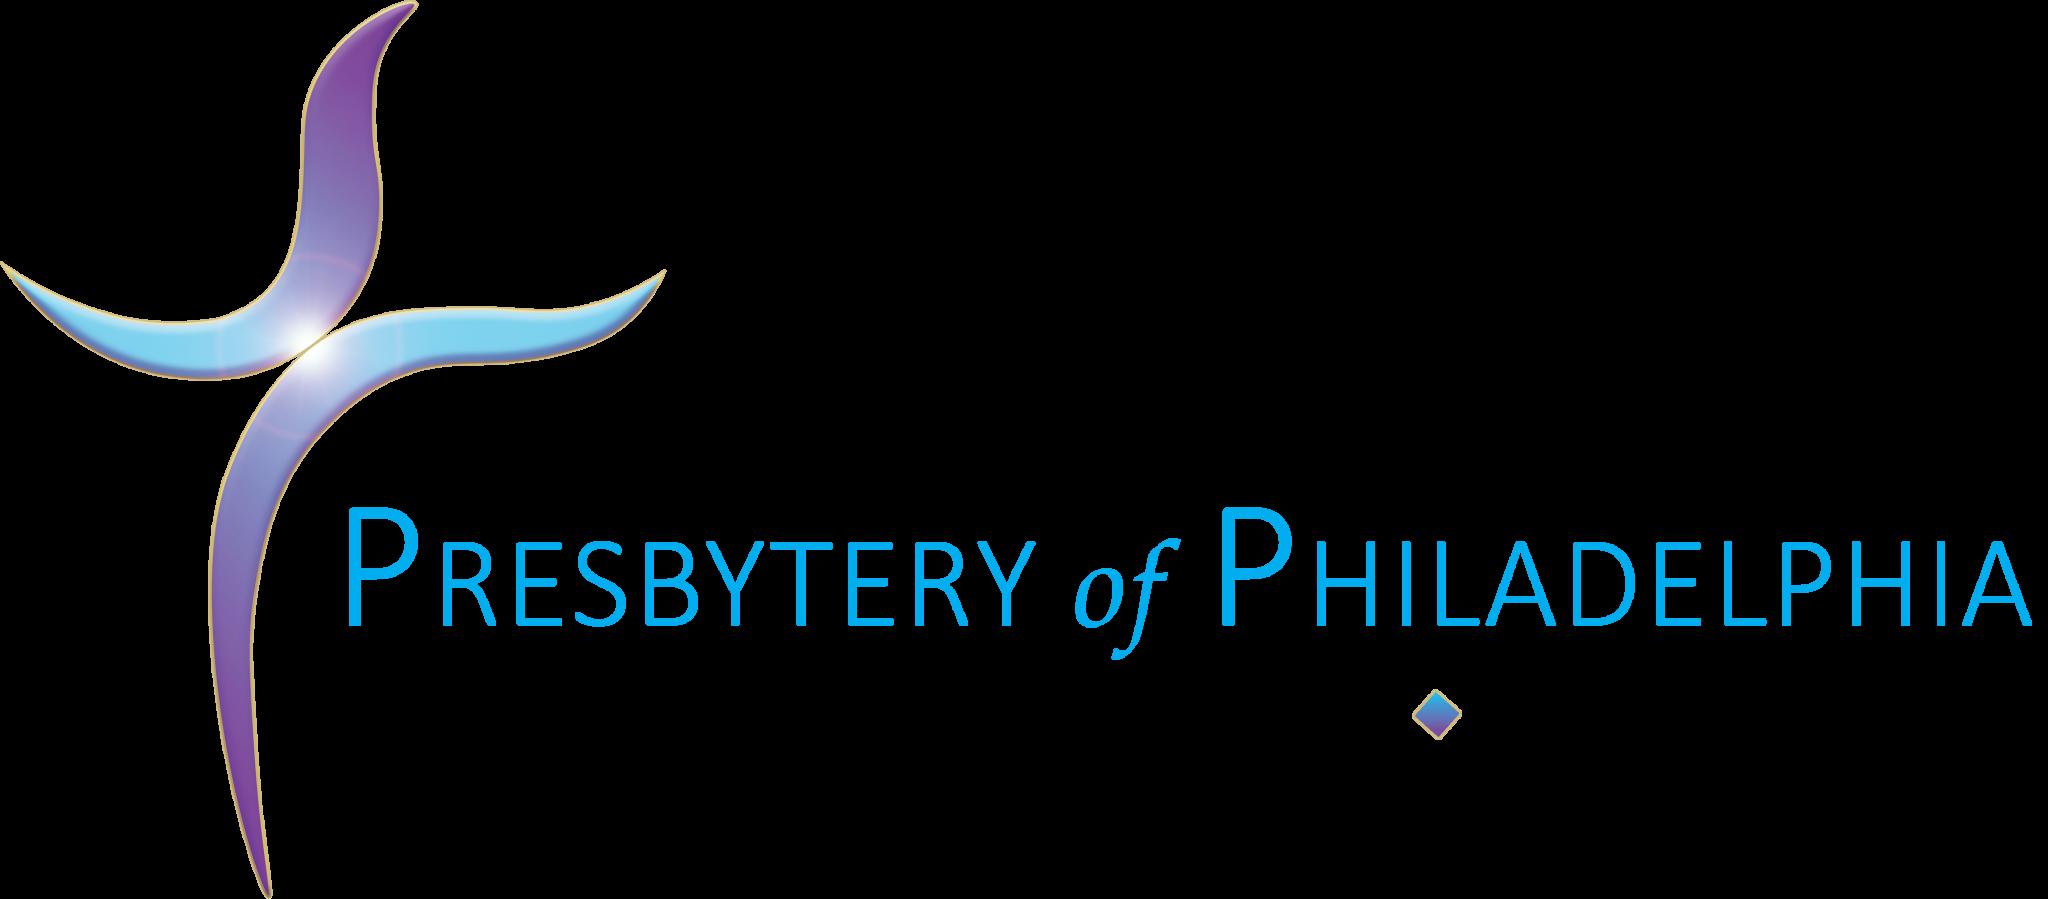 Presbytery of Philadelphia